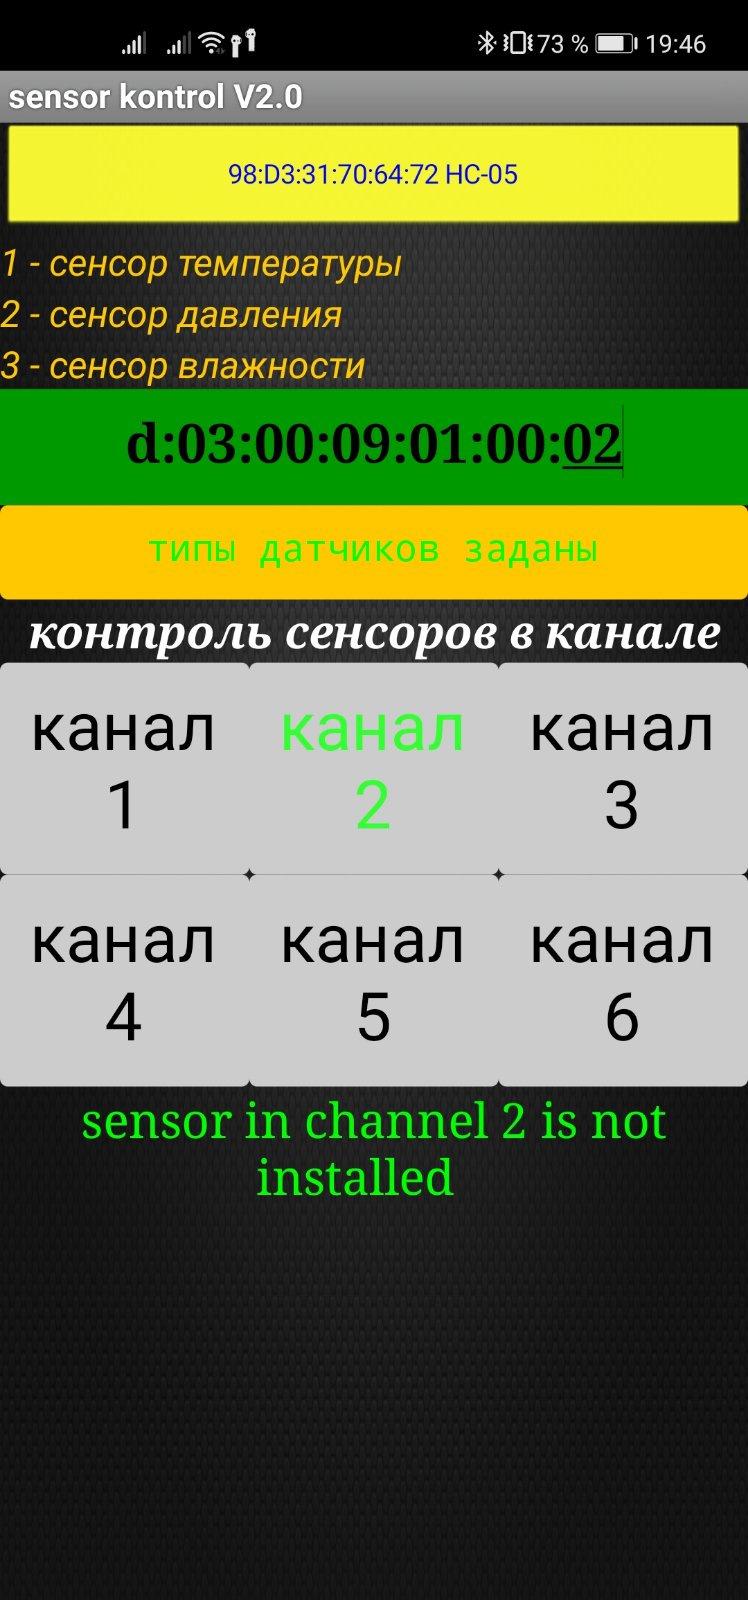 yk_uDqNnkOVV-NaK3Y_EBr8CqEY-960.jpg